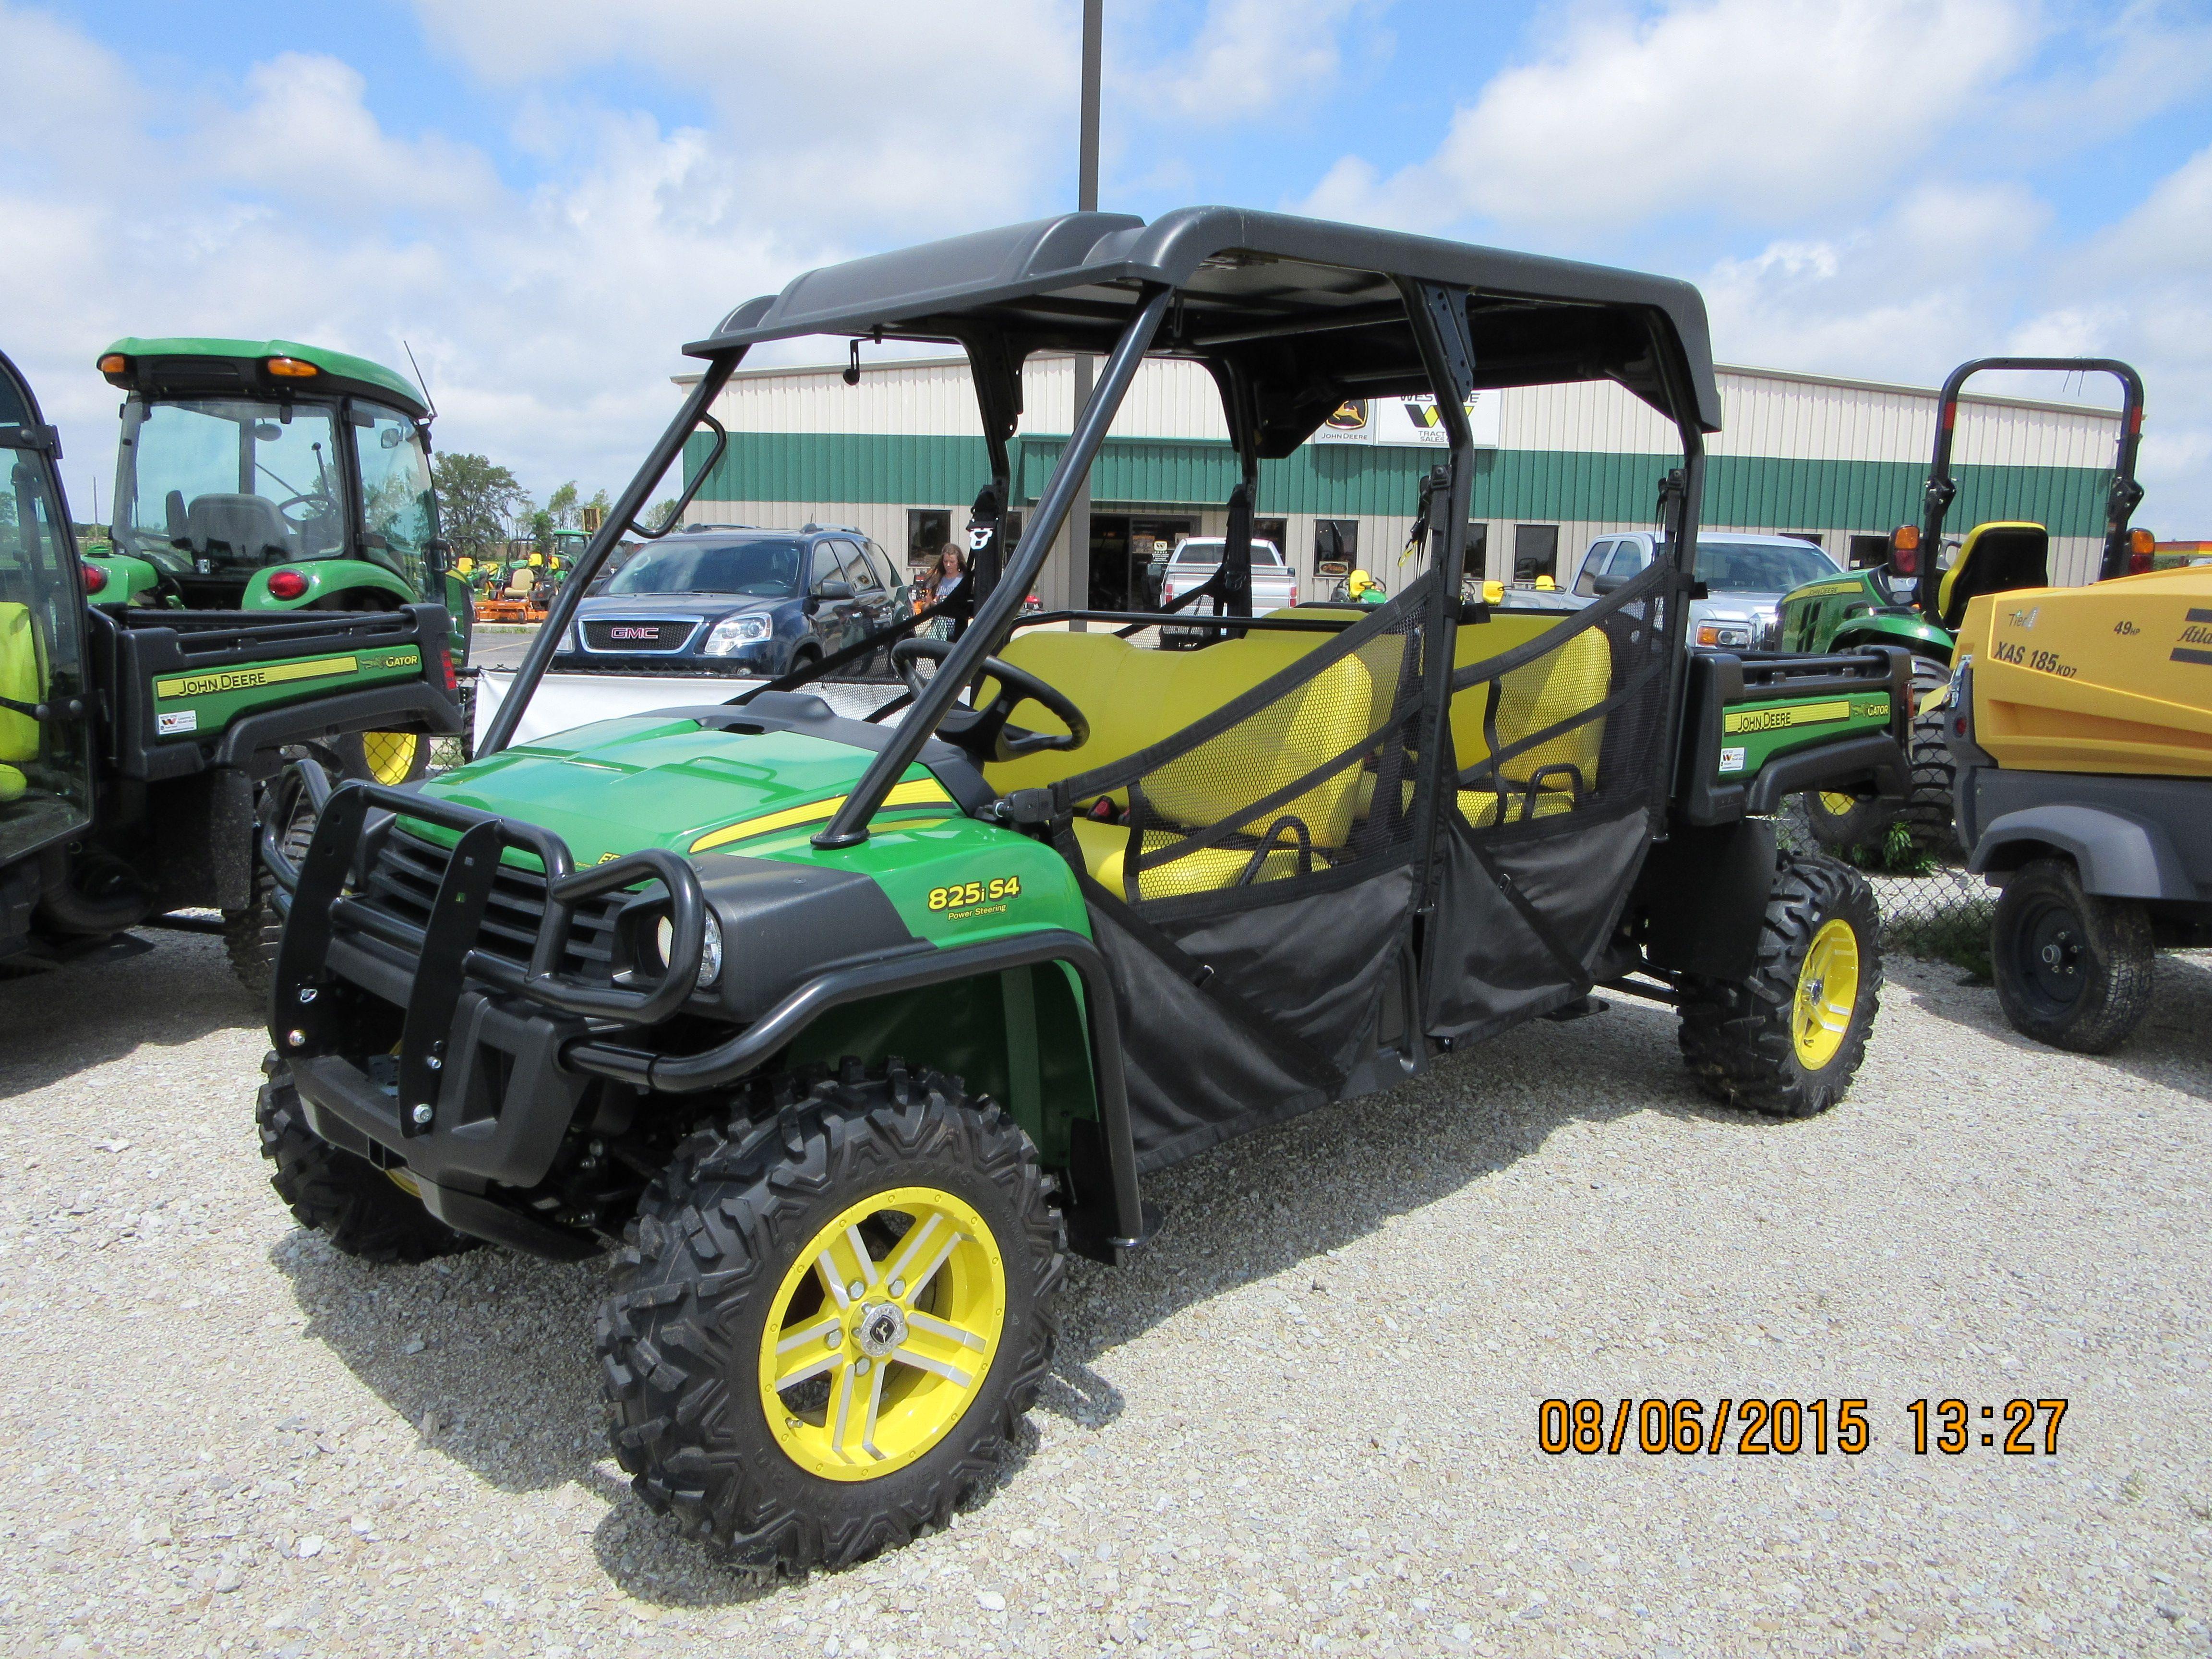 John Deere 825i S4 Gator John Deere Equipment